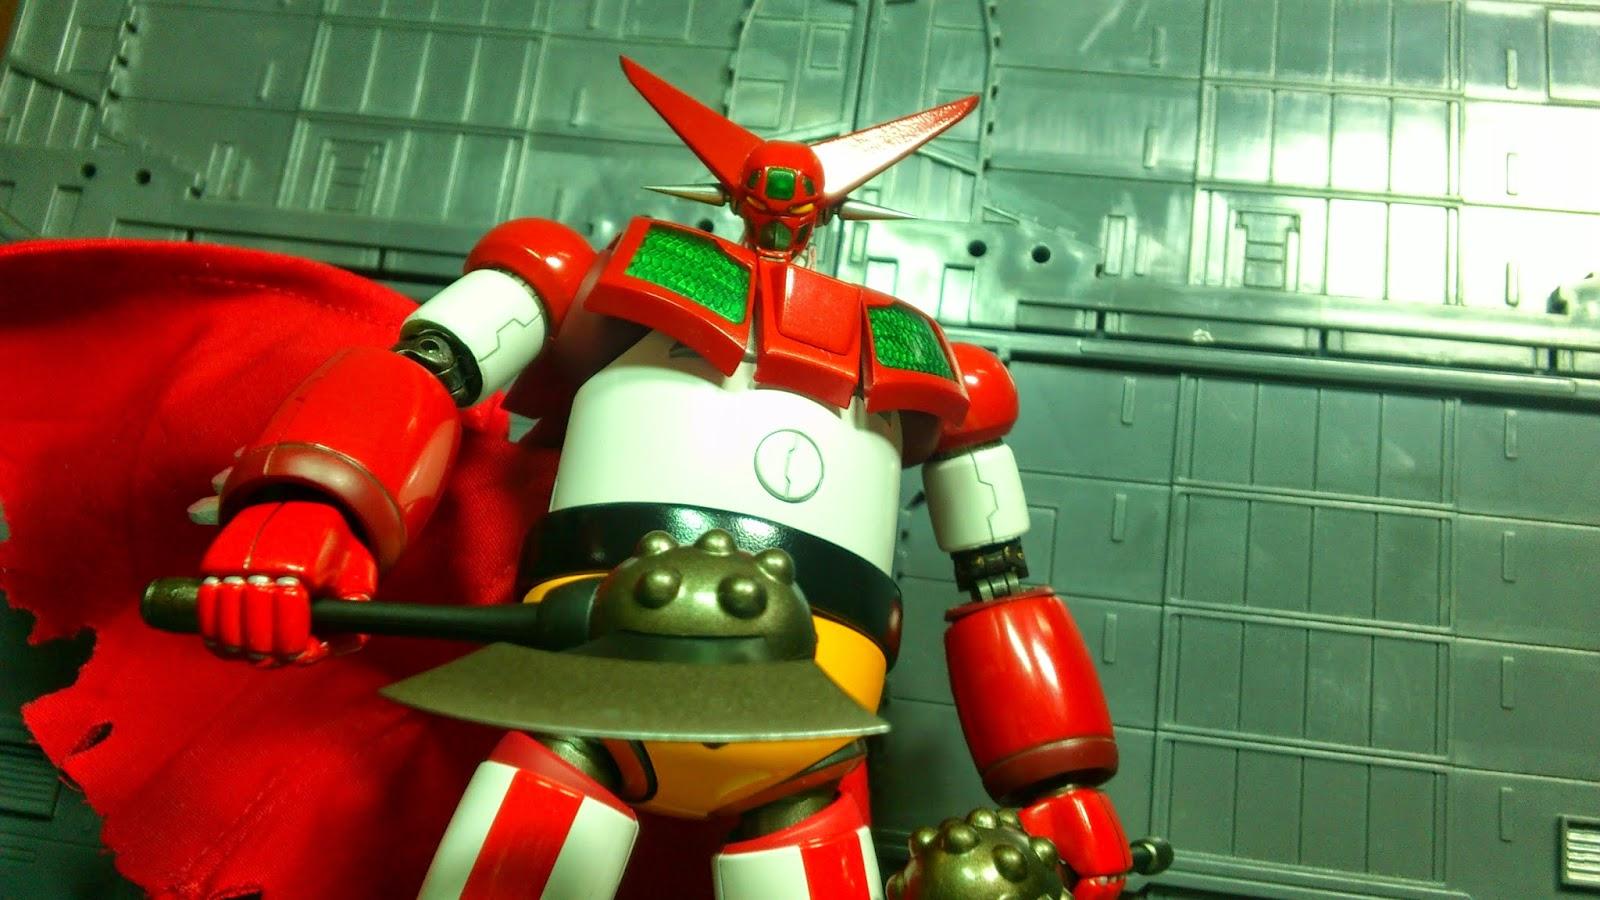 千值練×T-REX 真蓋特機器人世界最後之日 蓋特1號 Getter 1 - 日系英雄/機械人 - Toysdaily 玩具日報 - Powered by Discuz!